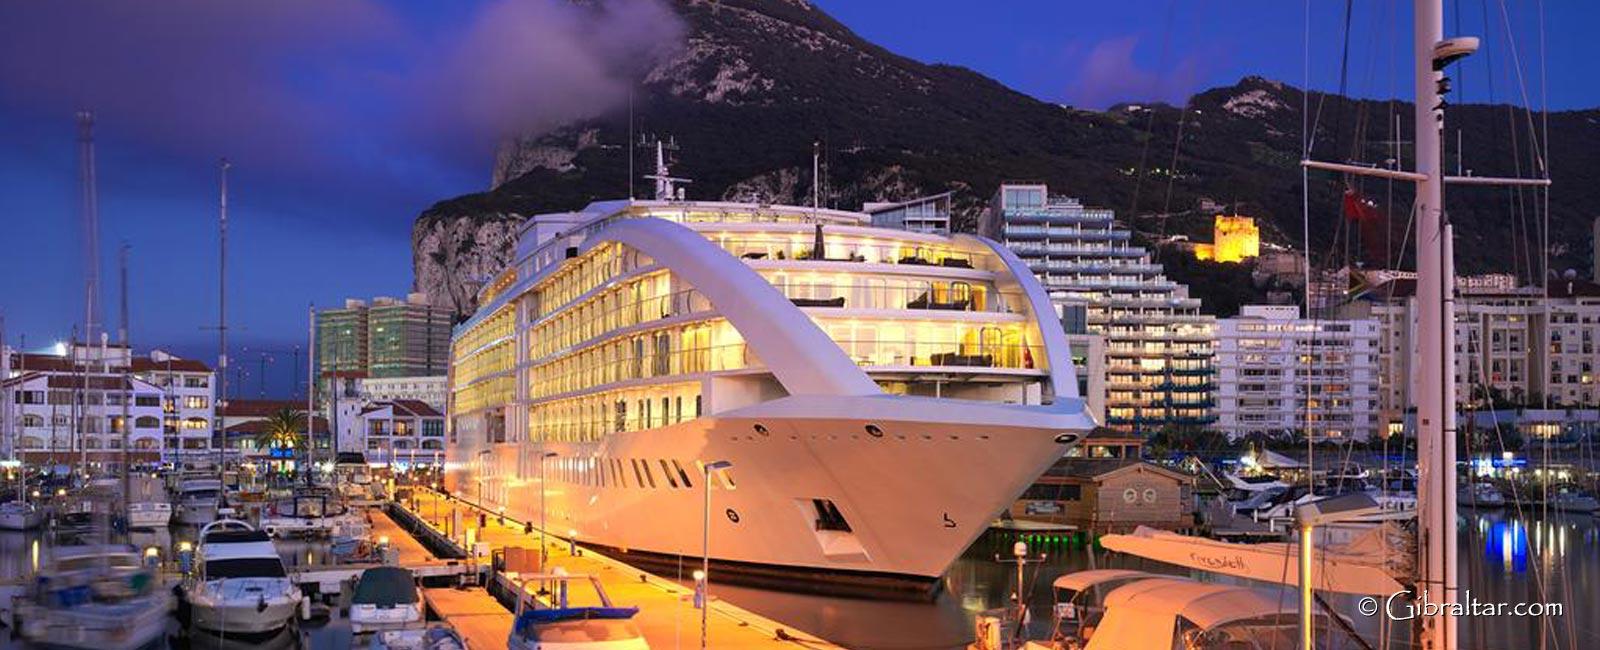 Una estancia a bordo de Sunborn Gibraltar ofrece a los visitantes la oportunidad de disfrutar de una experiencia única: la privacidad y la exclusividad de un superyate transatlántico combinadas con la calidad y el confort de un hotel de 5 estrellas. Sin duda, una propuesta persuasiva.